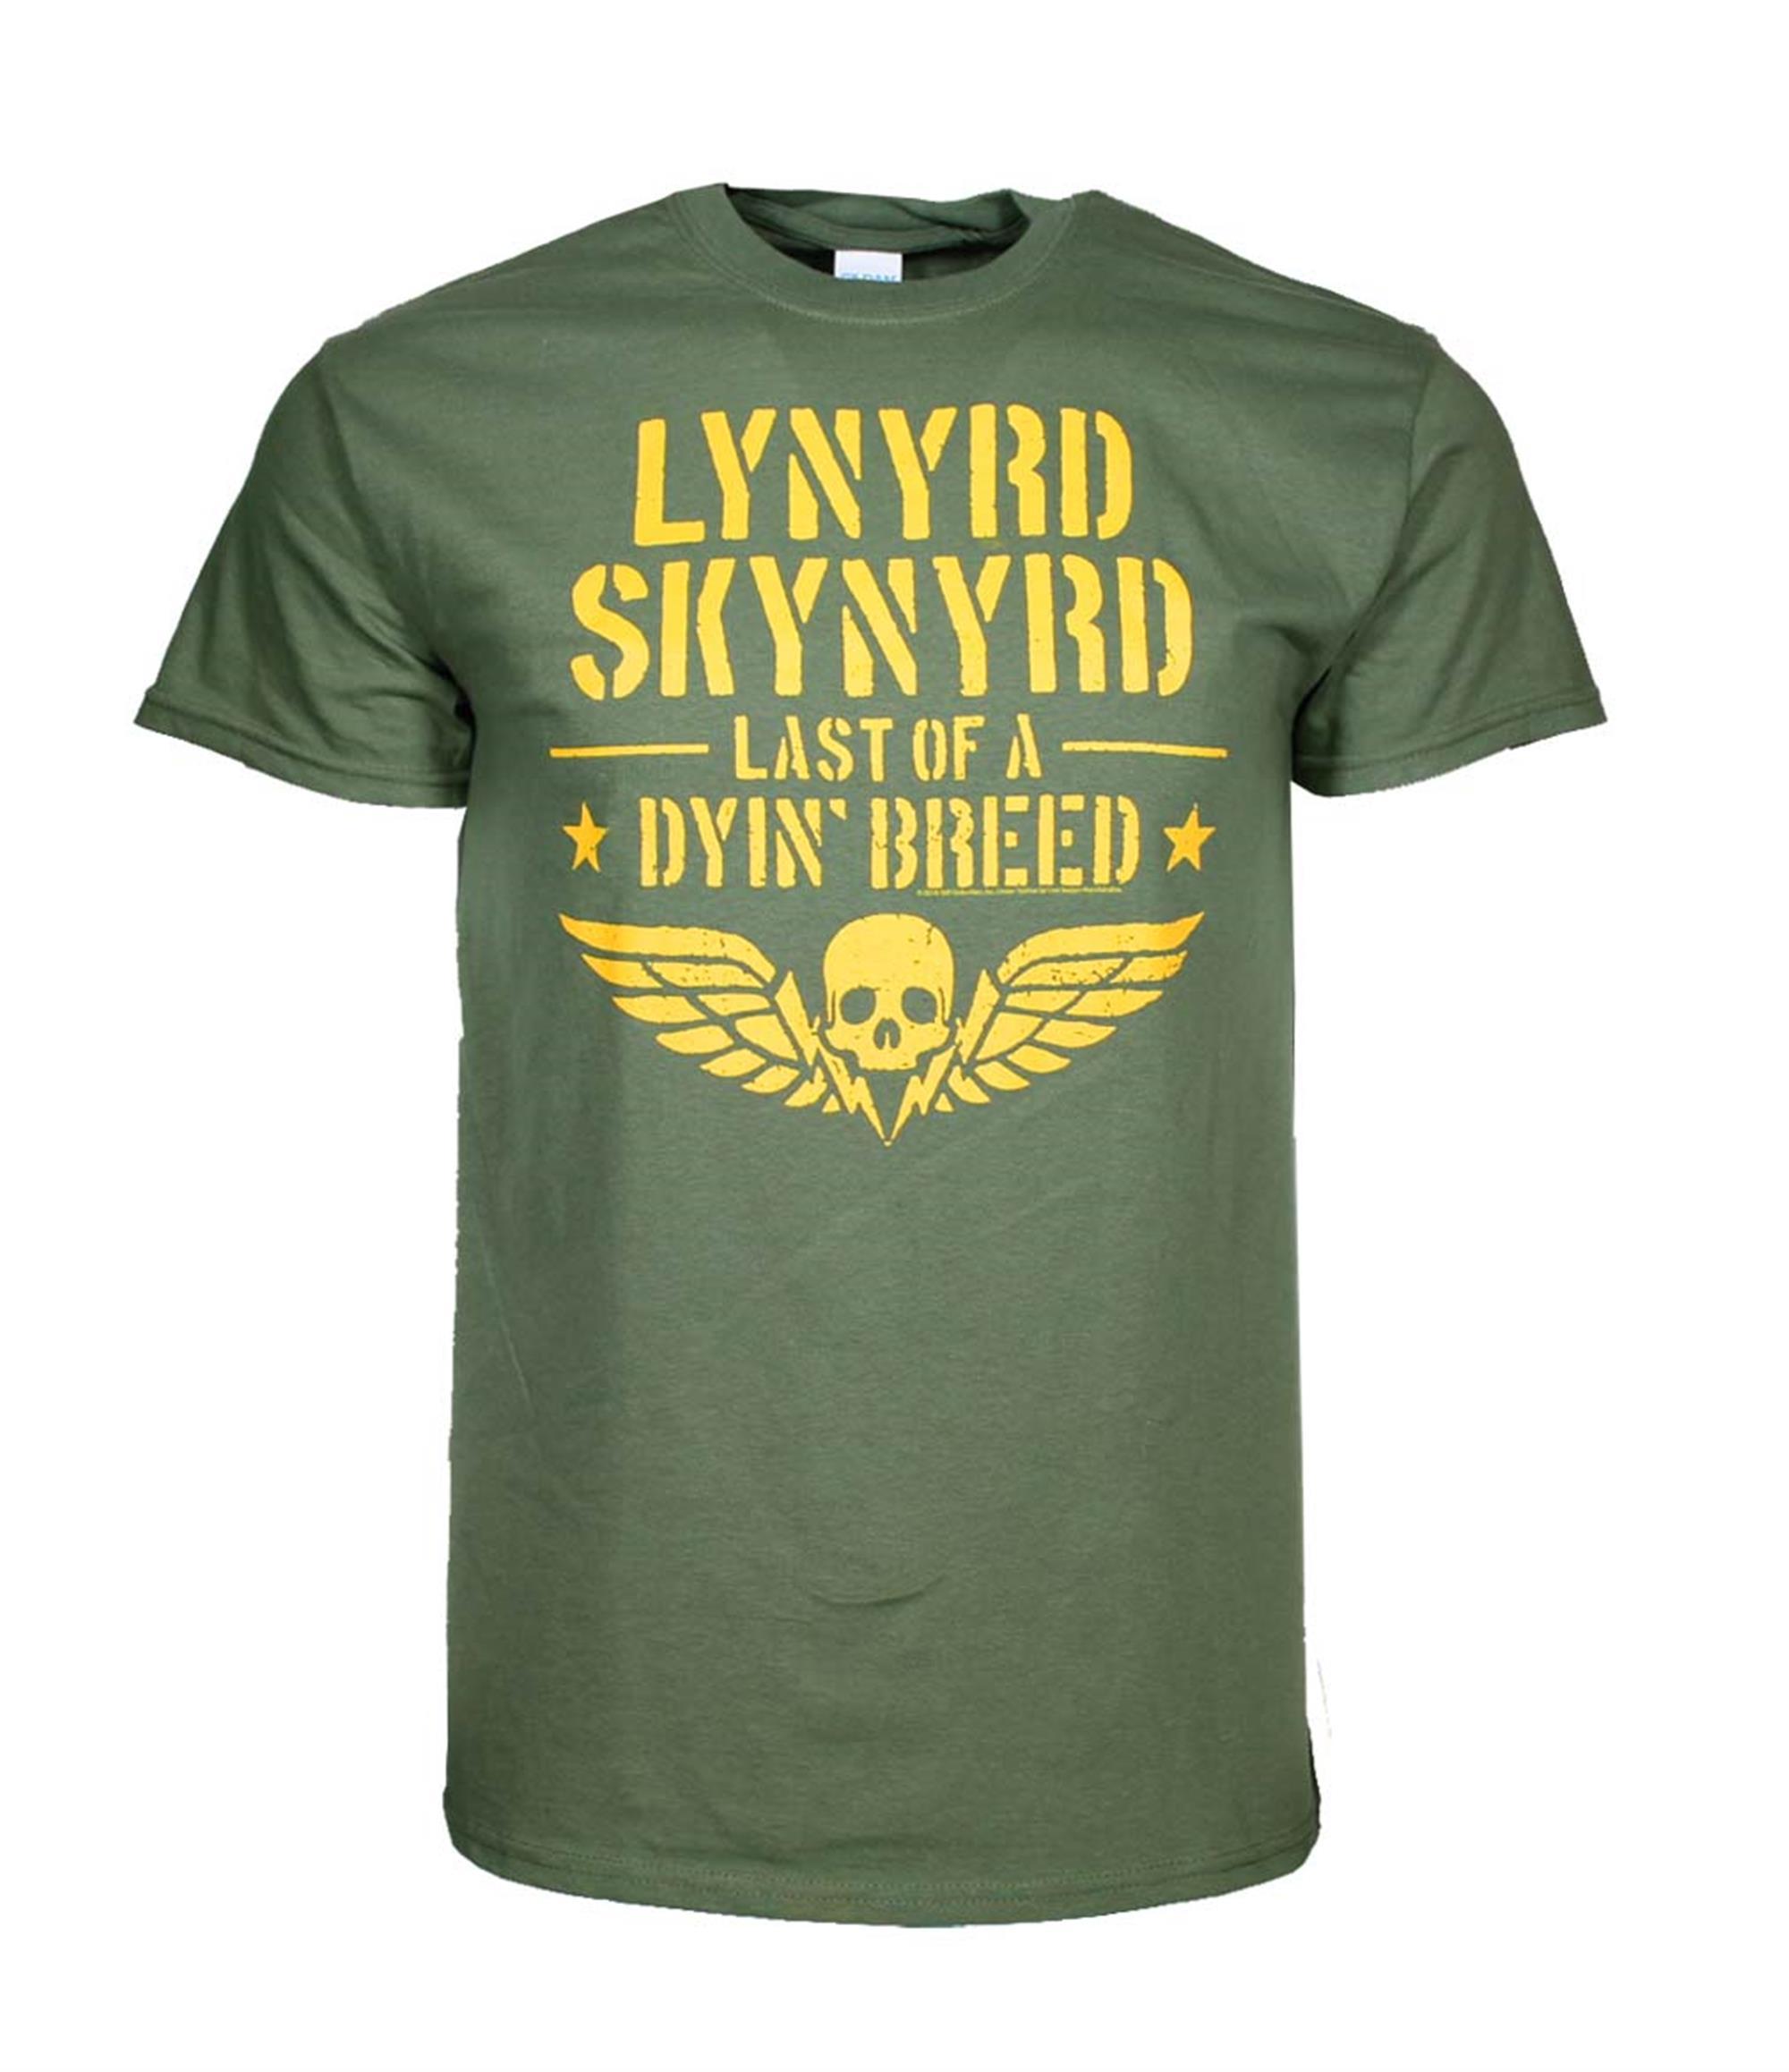 Lynyrd Skynyrd Last of a Dying Breed T-Shirt